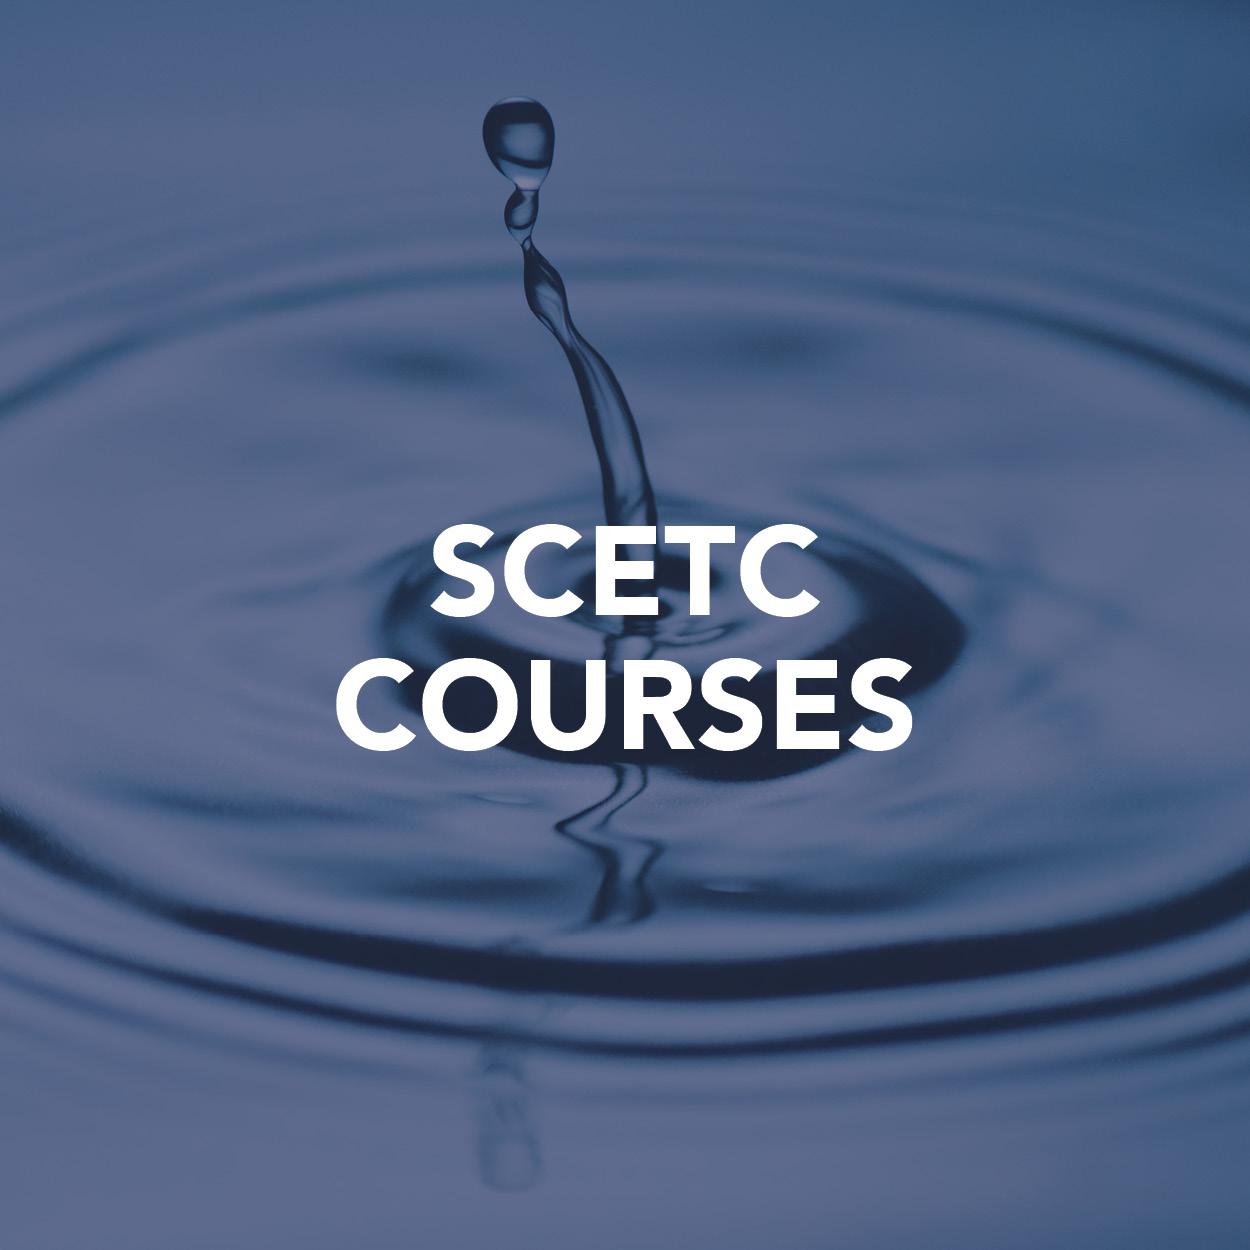 SCETC Courses